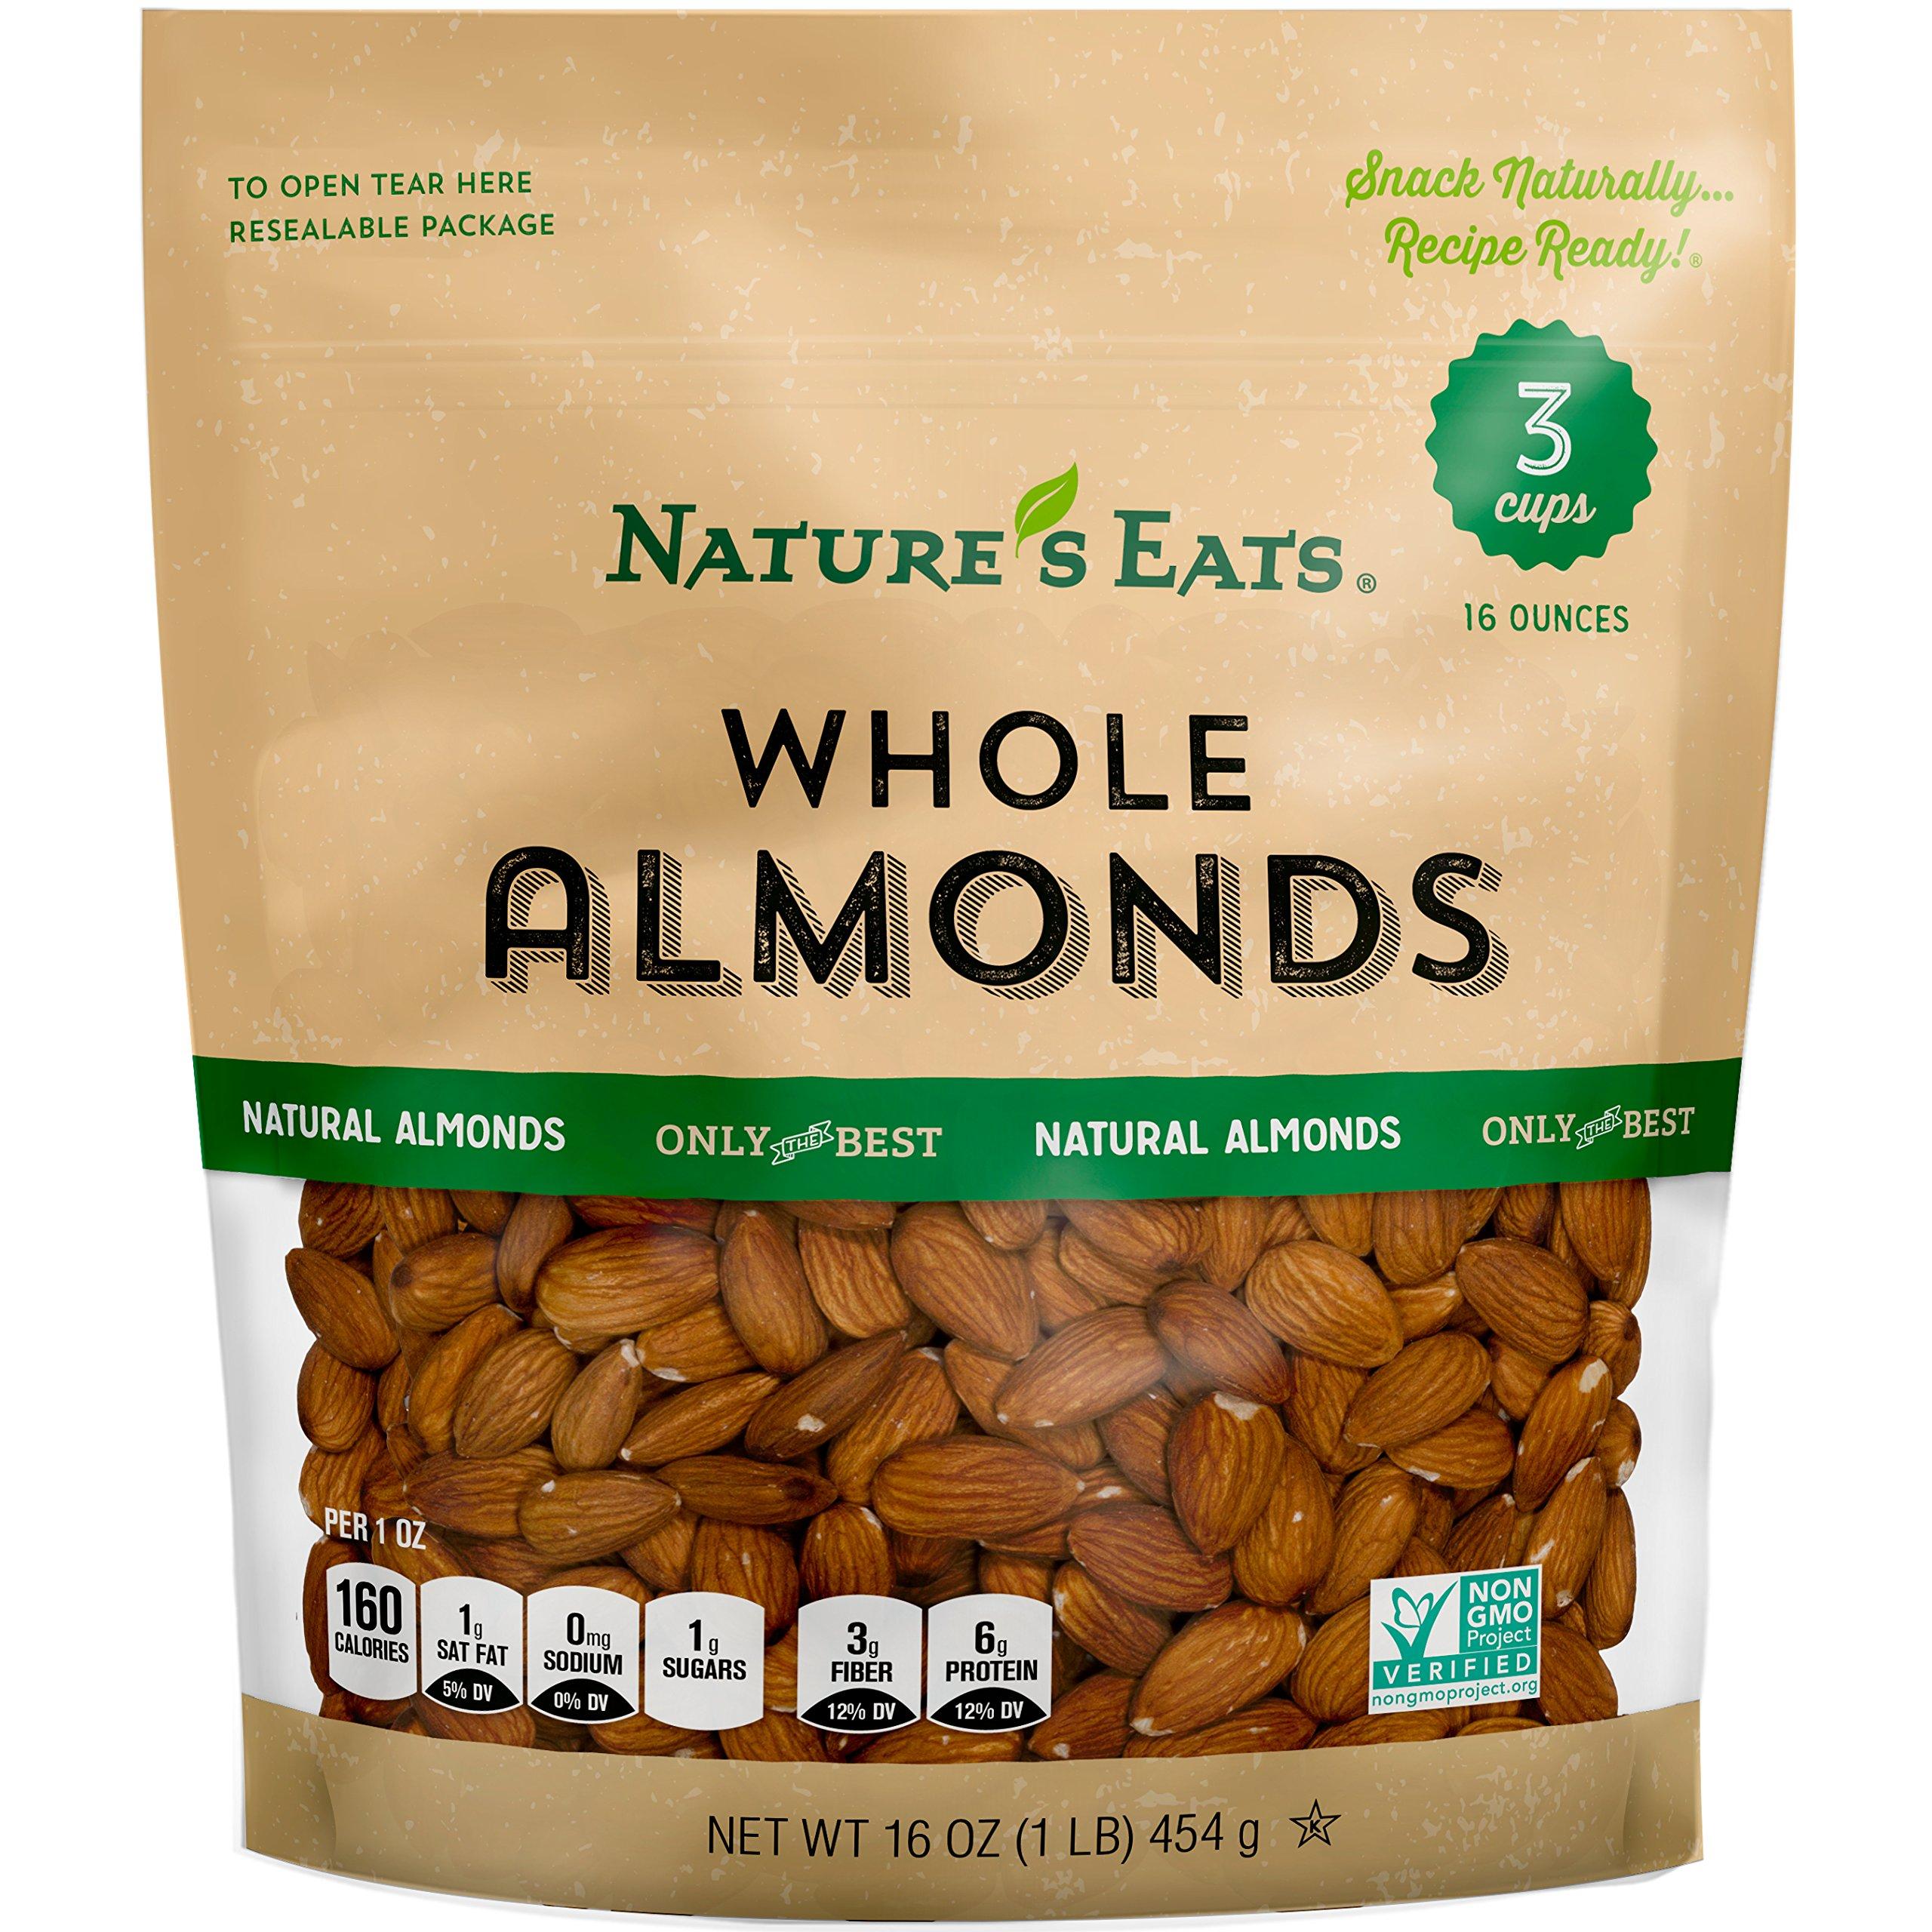 Nature's Eats Whole Almonds, Natural, 16 Oz